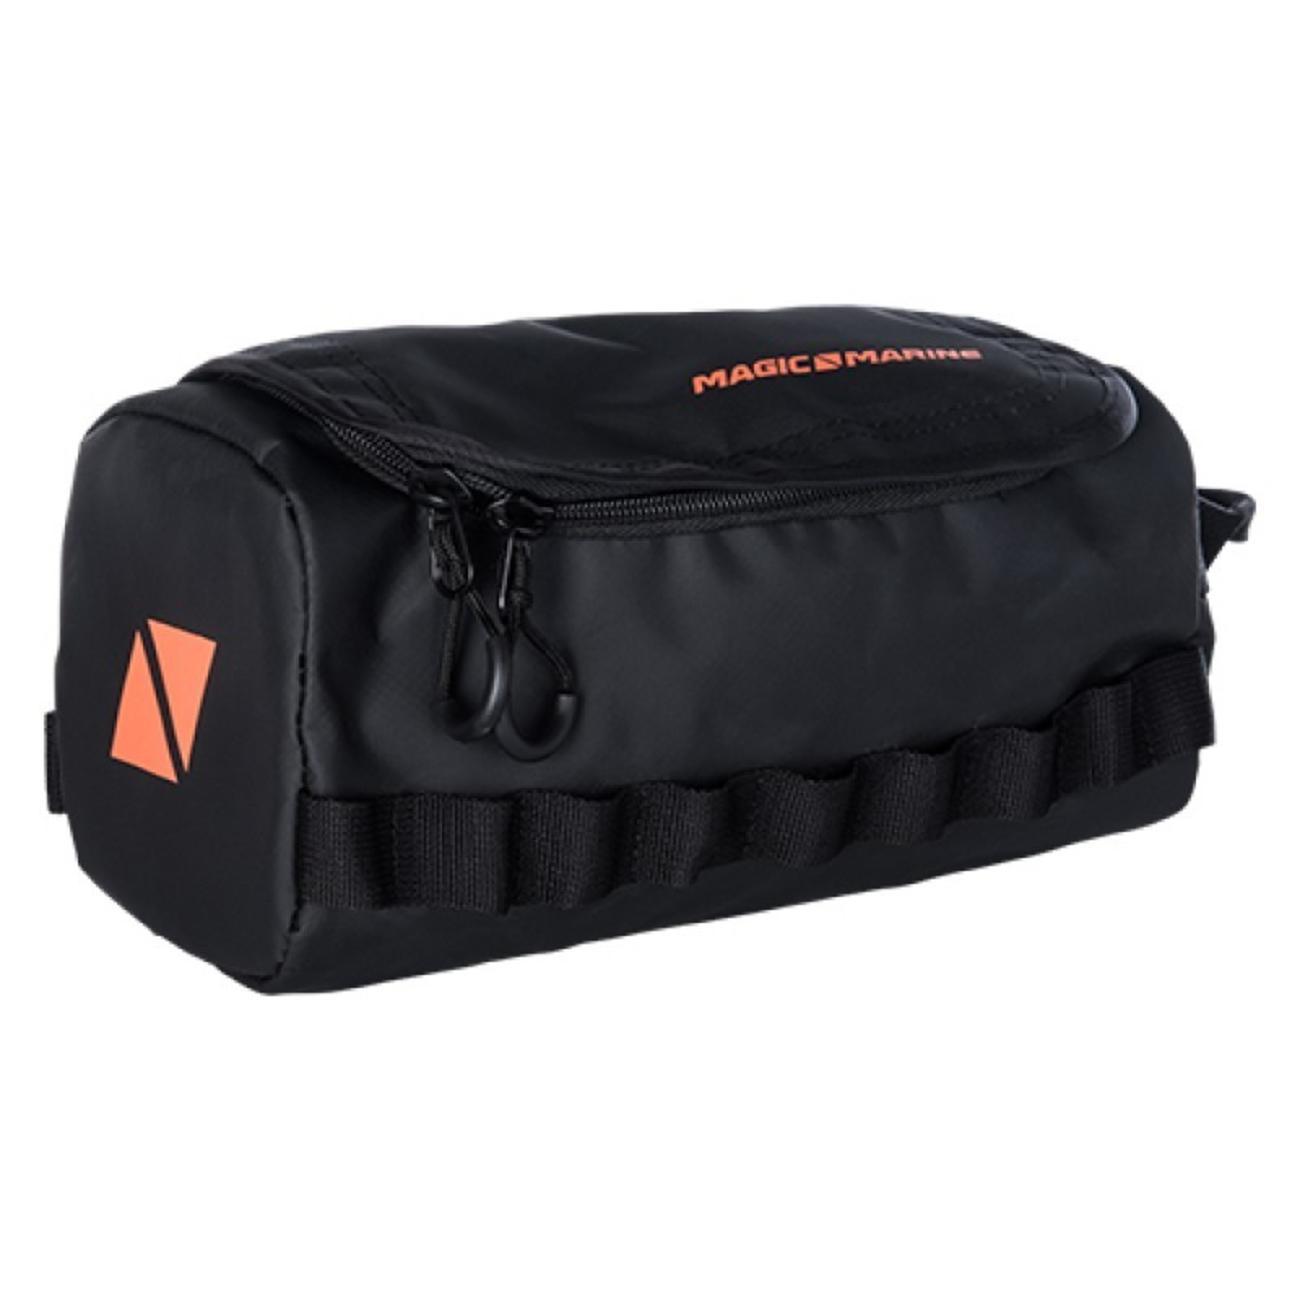 Essentials Bag 5L トイレタリーバッグ トラベルポーチ